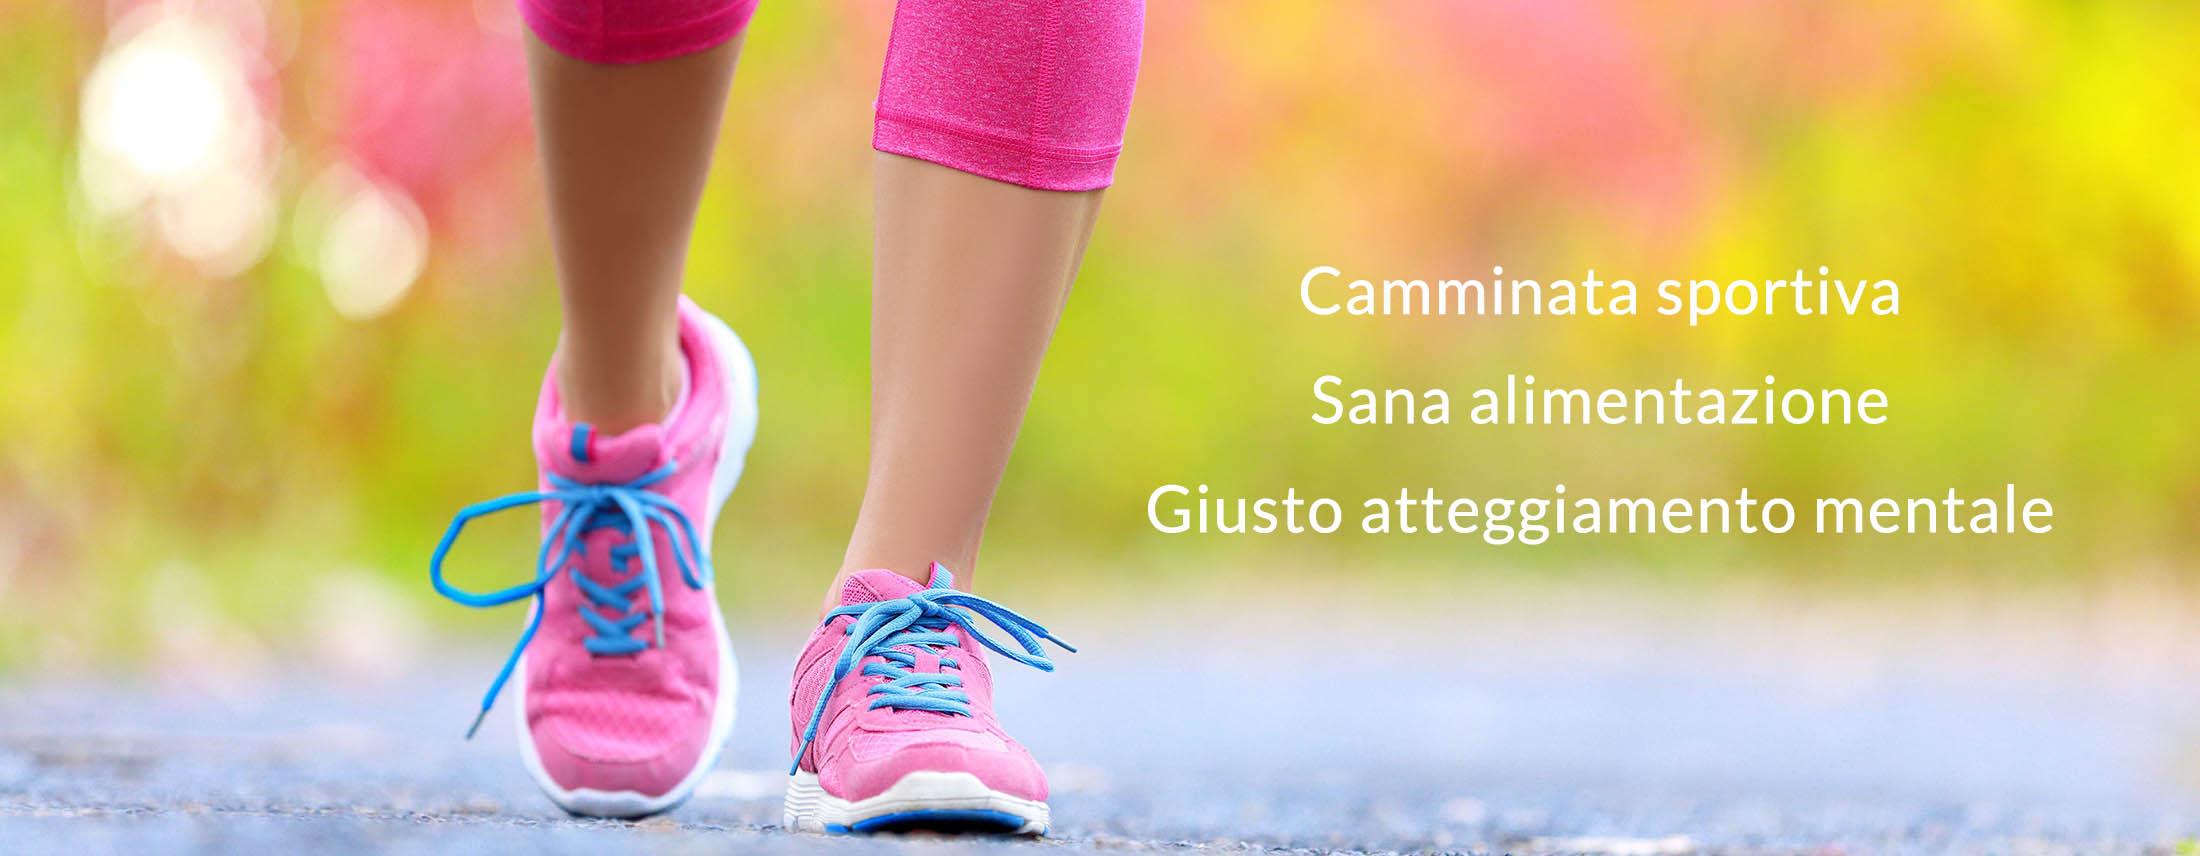 Wellness Walking - Camminata sportiva, sana alimentazione, giusto atteggiamento mentale